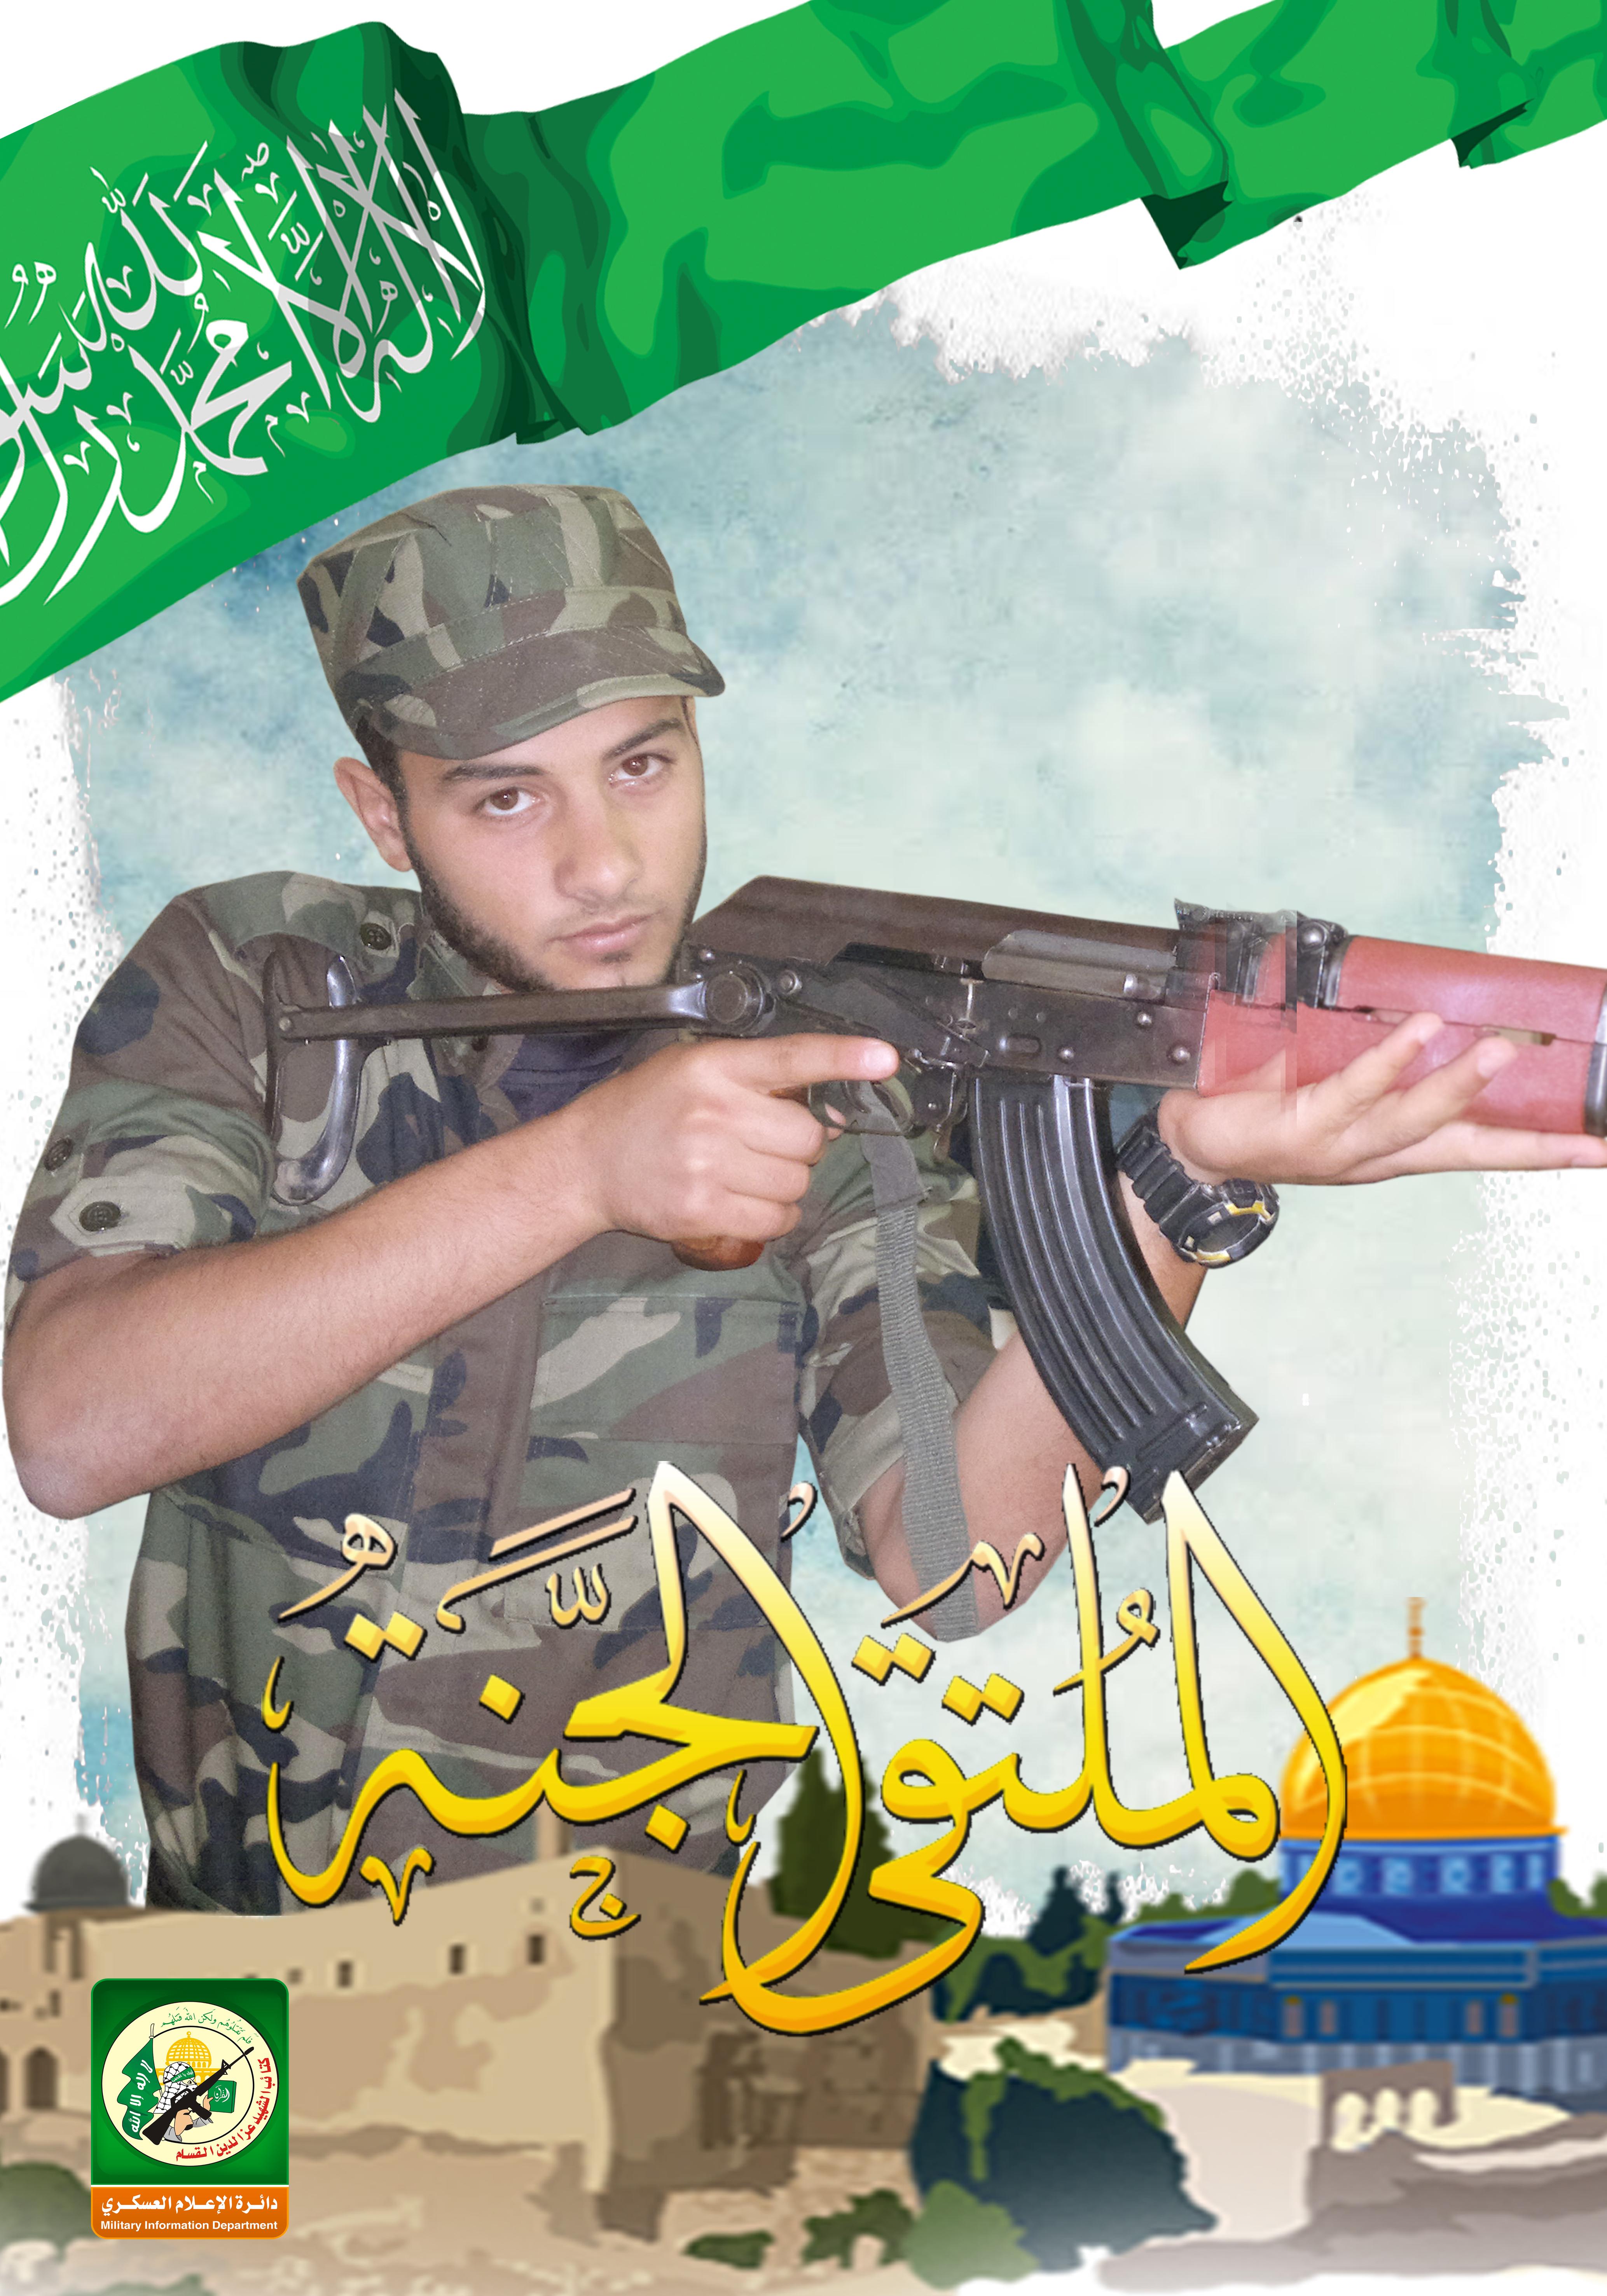 الشهيد القسامي/ يحيى إبراهيم سعيد أبو هربيد